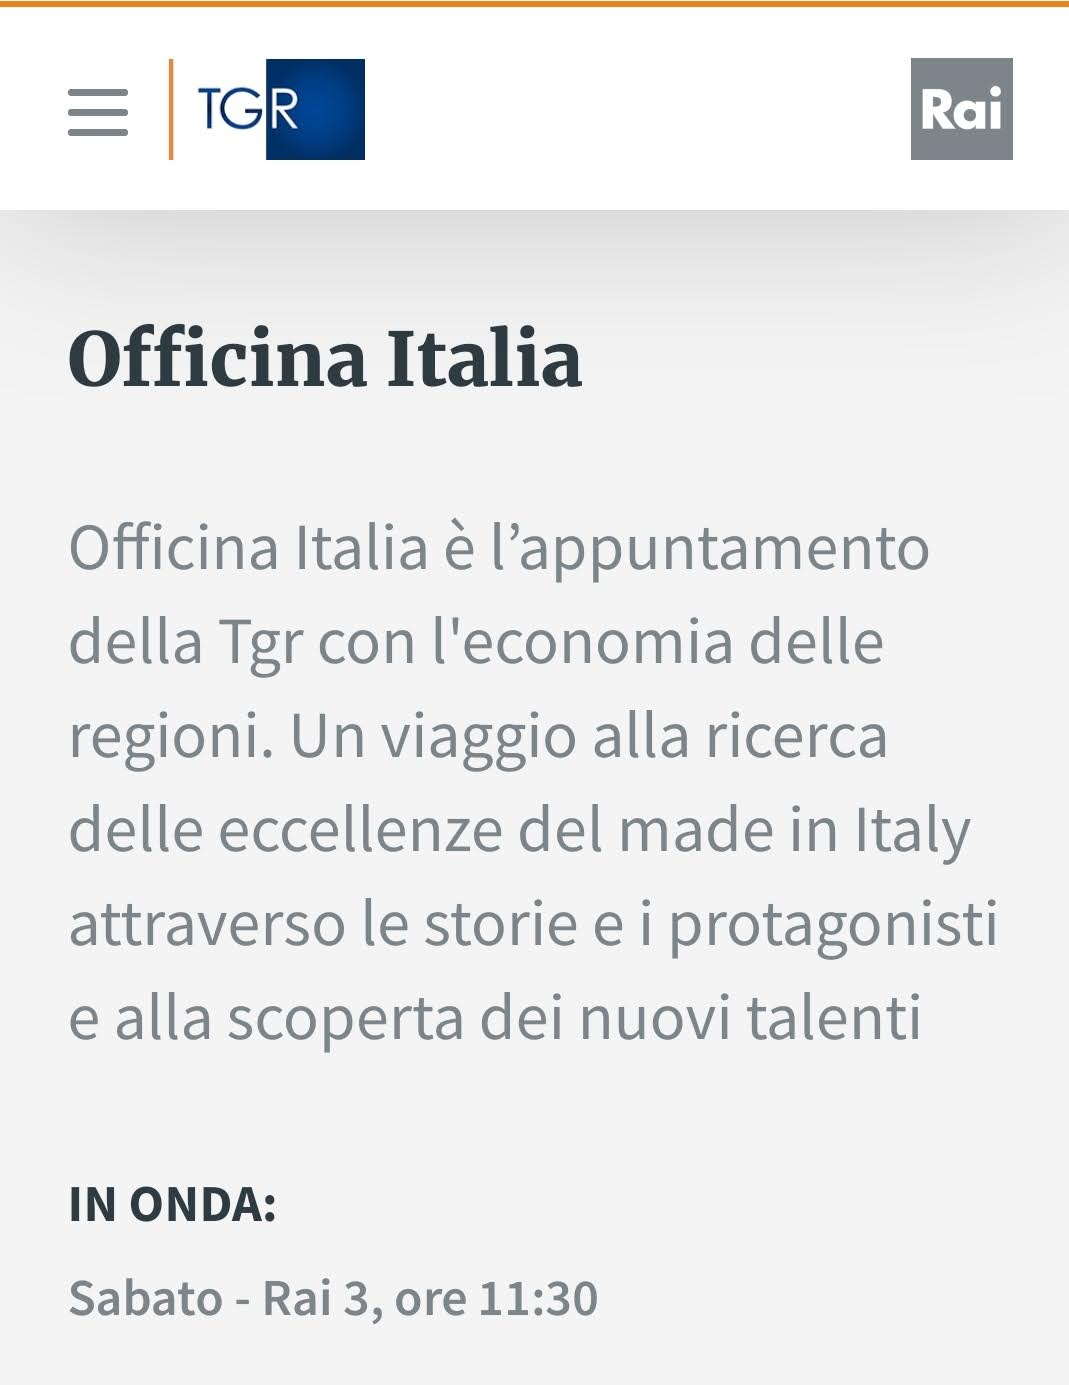 OFFICINA ITALIA